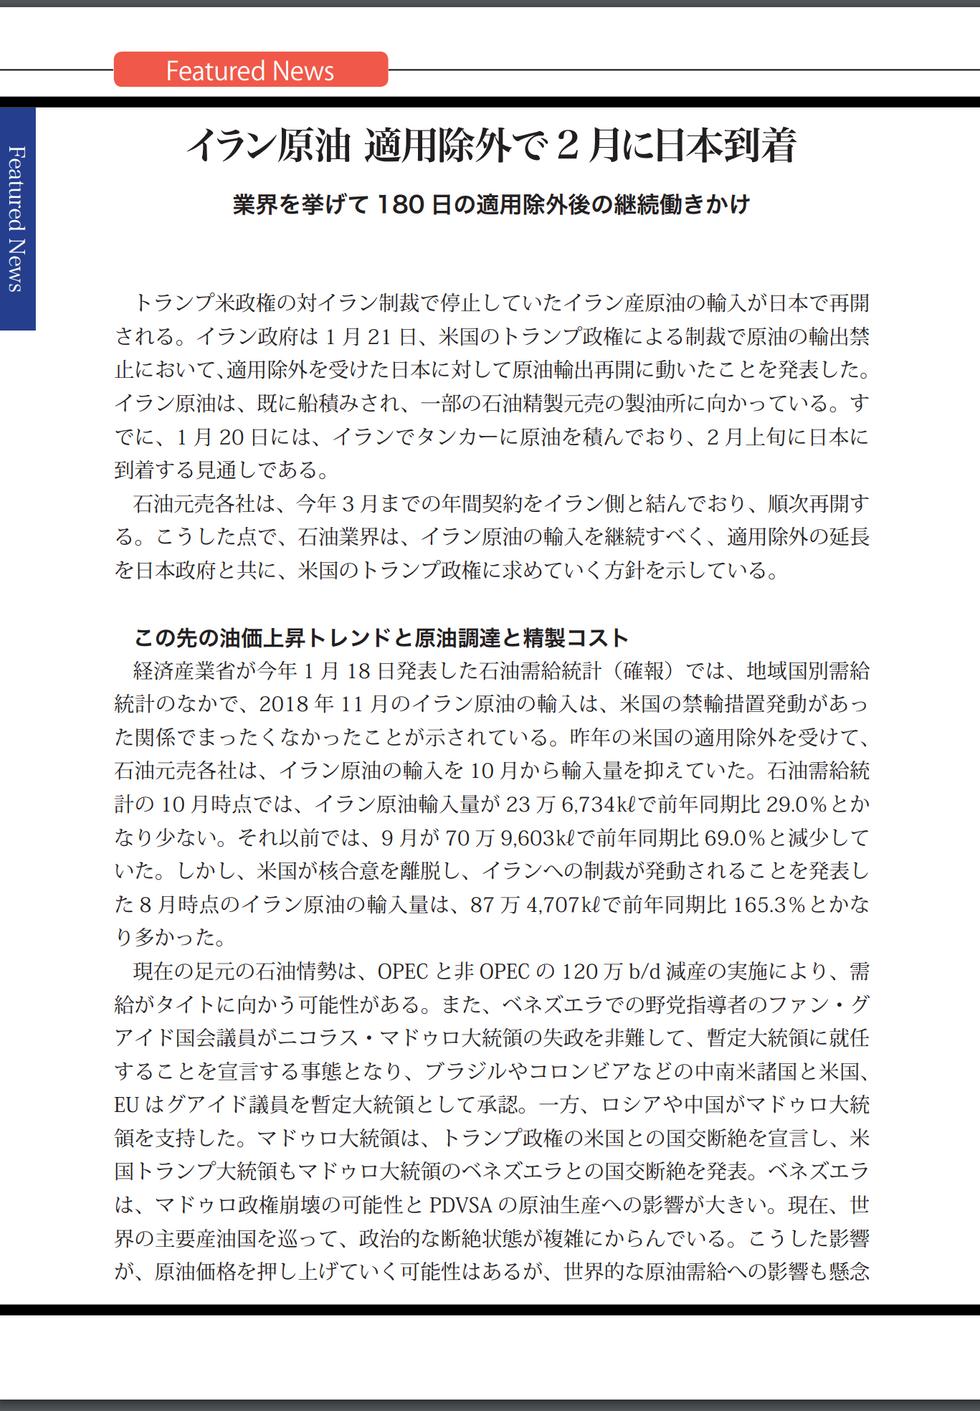 週刊オイル・リポート 1ページ